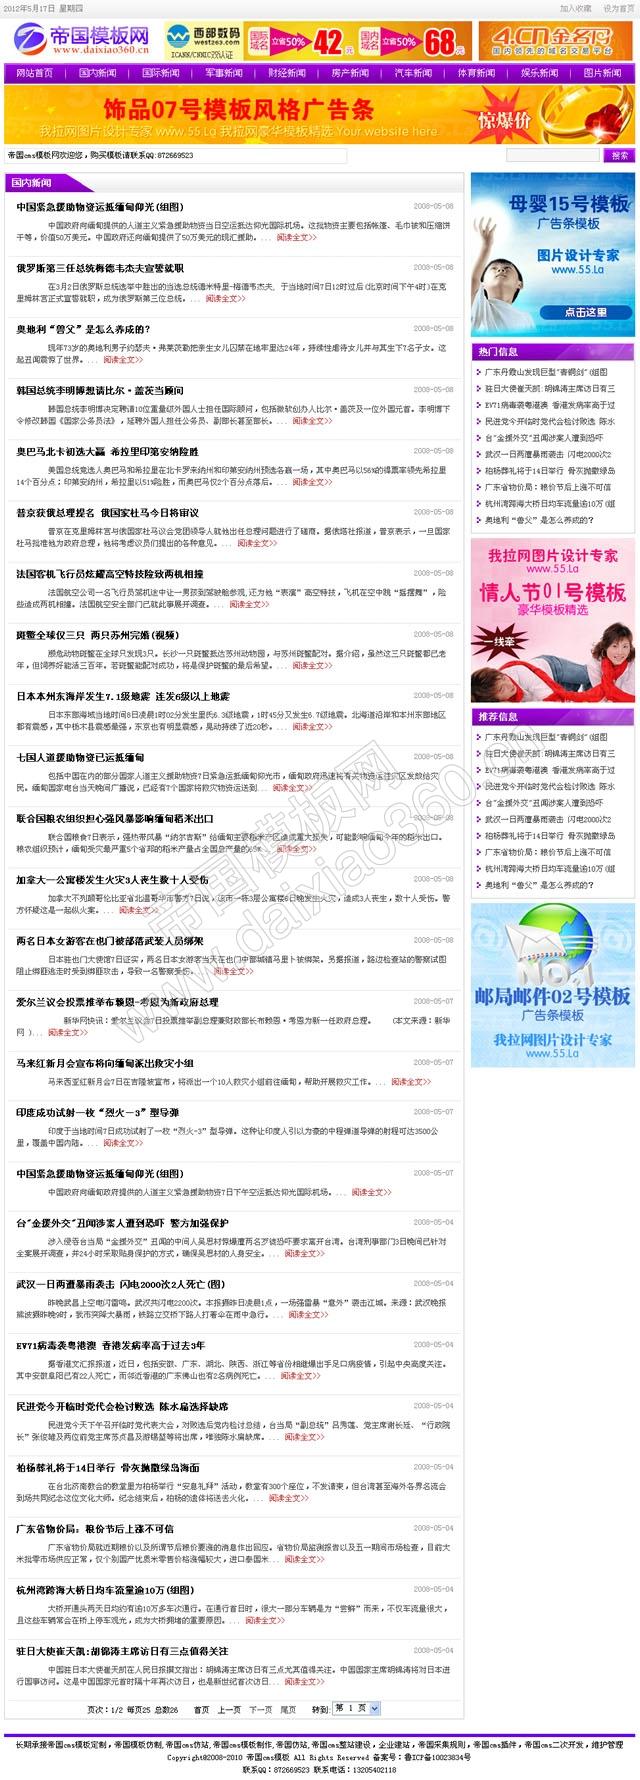 帝国cms紫色大气资讯新闻文章模板_文章列表